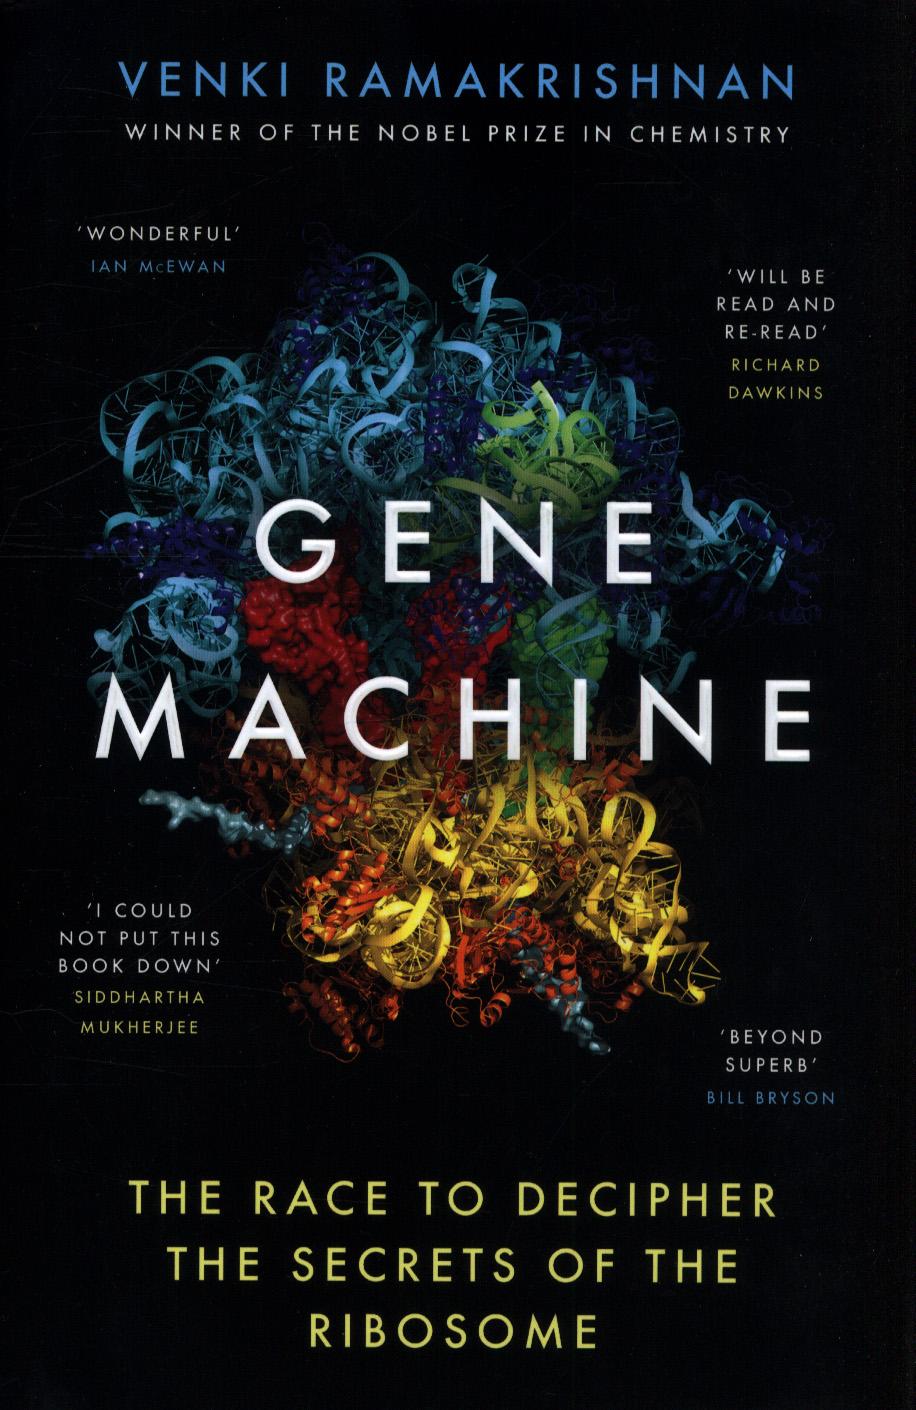 """You are currently viewing ಡಾ.ವೆಂಕಟರಾಮನ್ ರಾಮಕೃಷ್ಣನ್ ಅವರ ಕೃತಿ """"Gene Machine- ಜೀನ್ ಮಷೀನ್"""""""